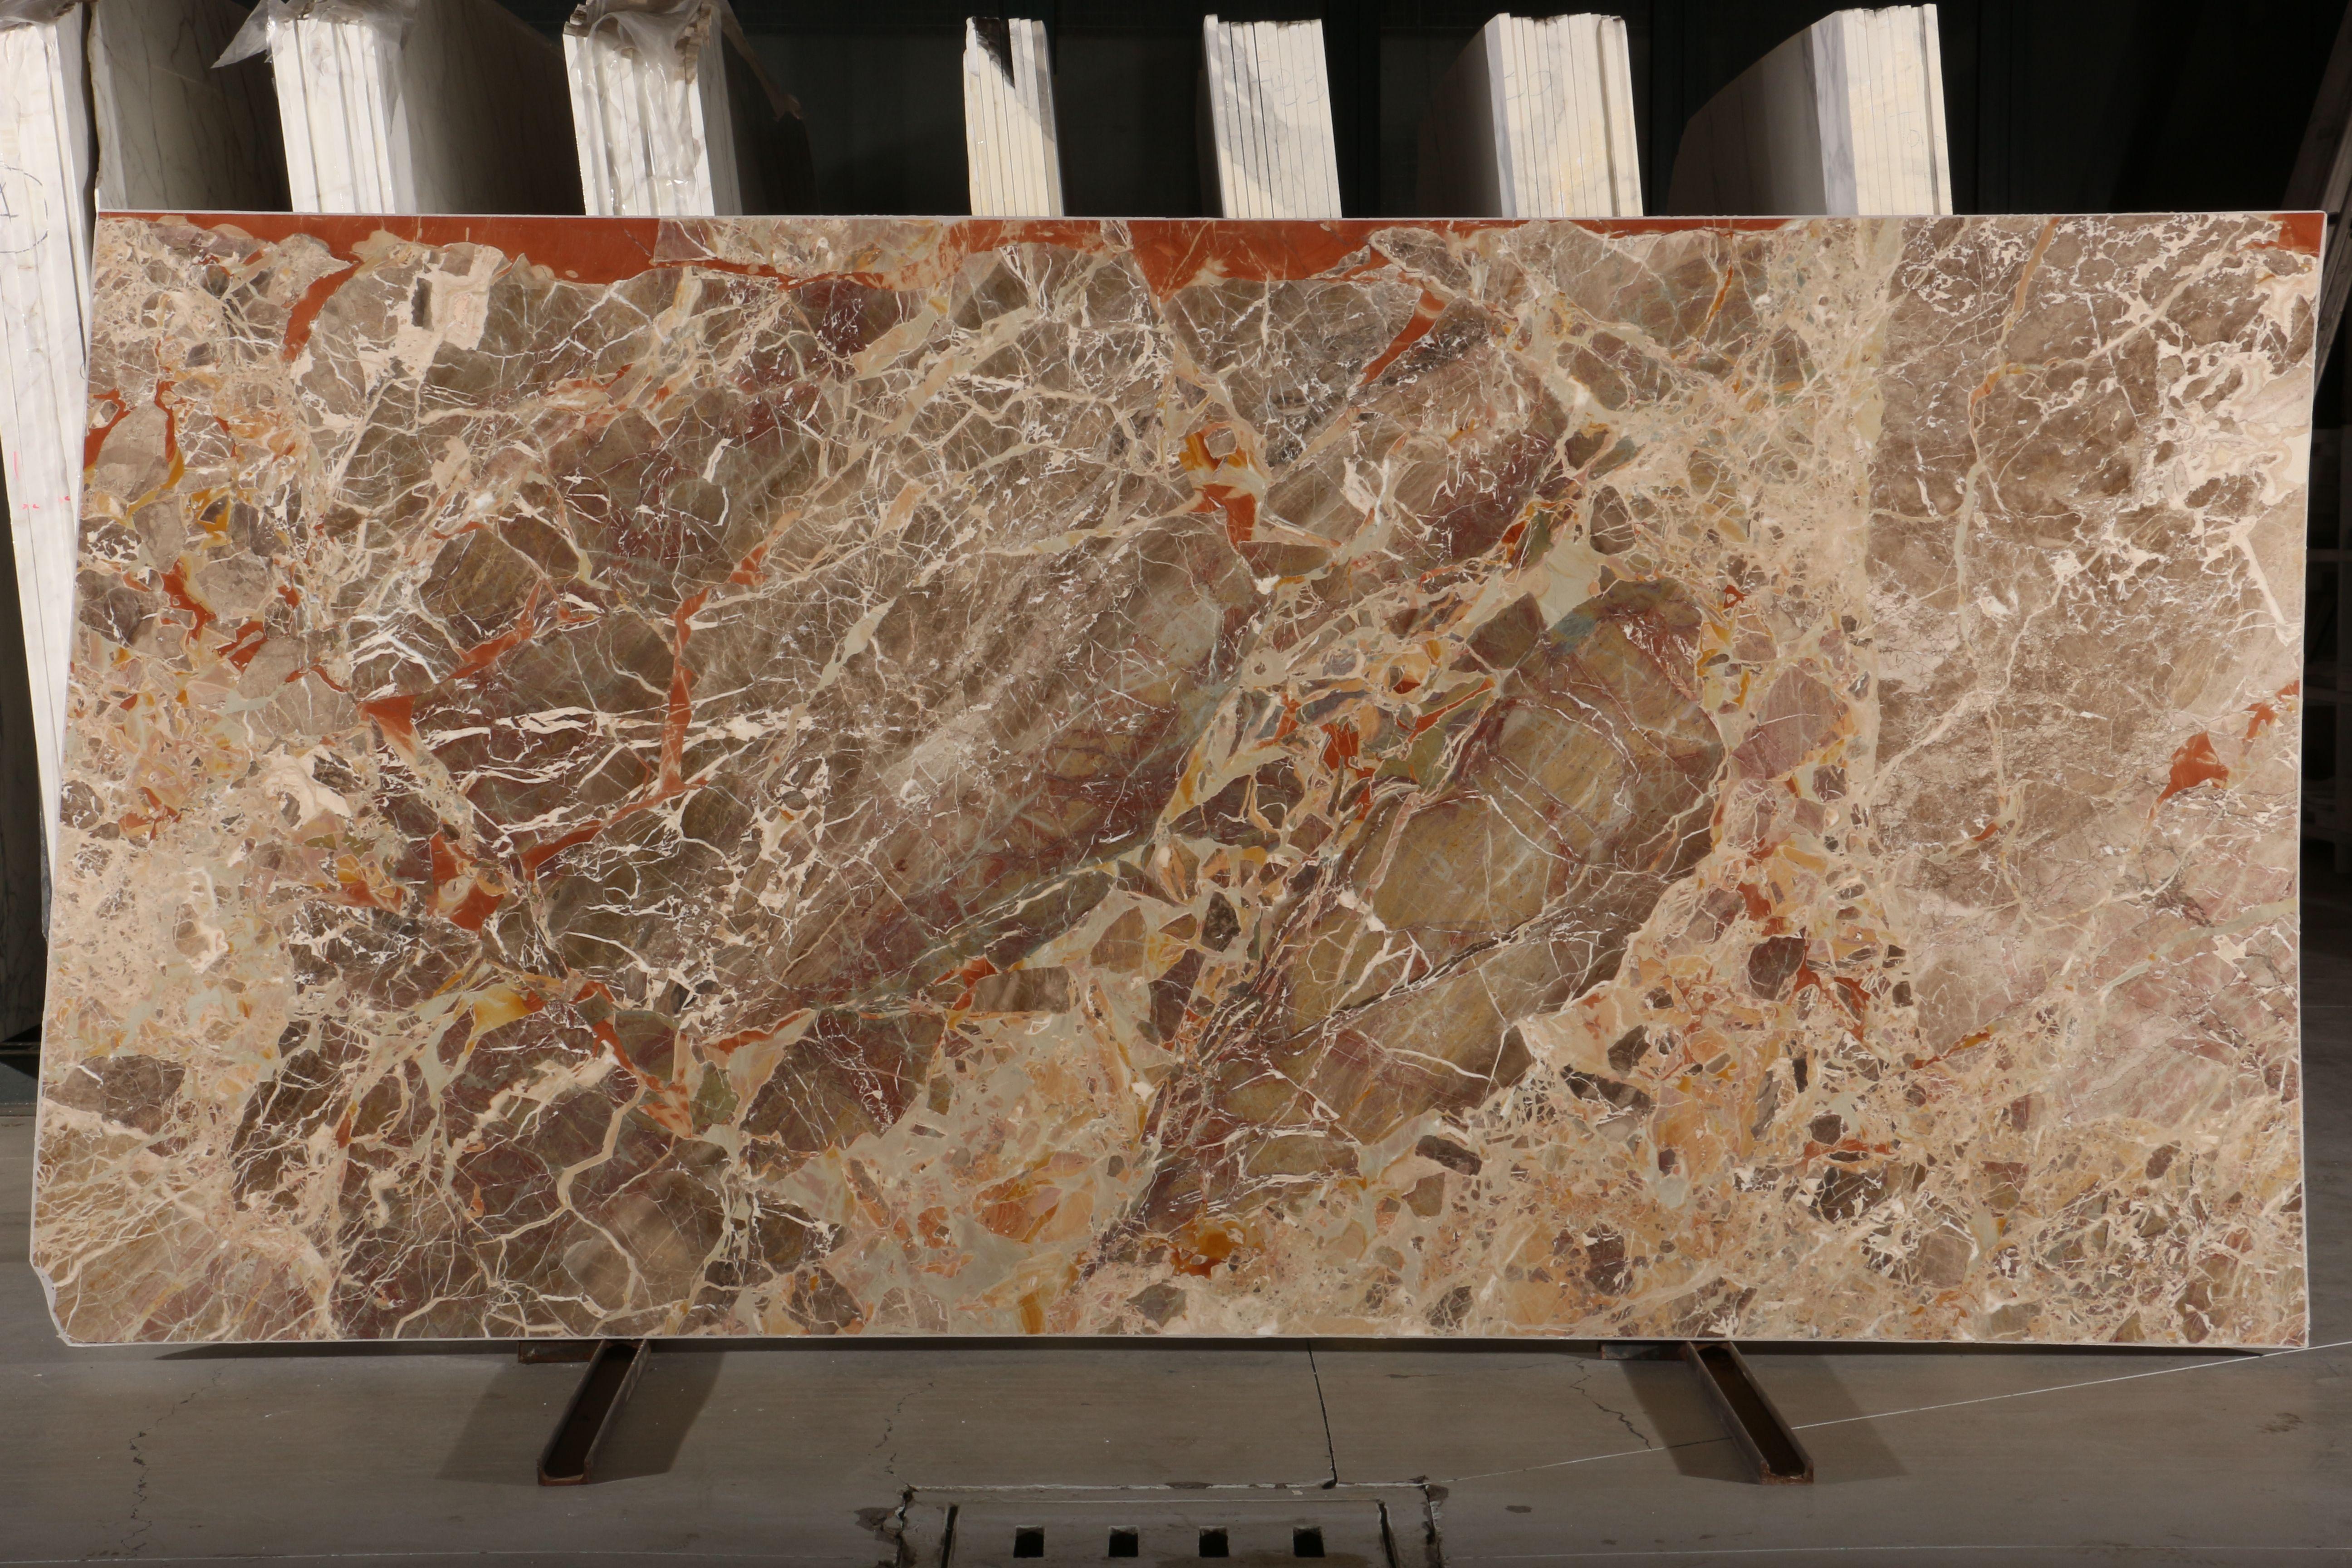 Davanzali In Marmo Botticino le migliori 24 immagini su lastre in pietra (stone slabs